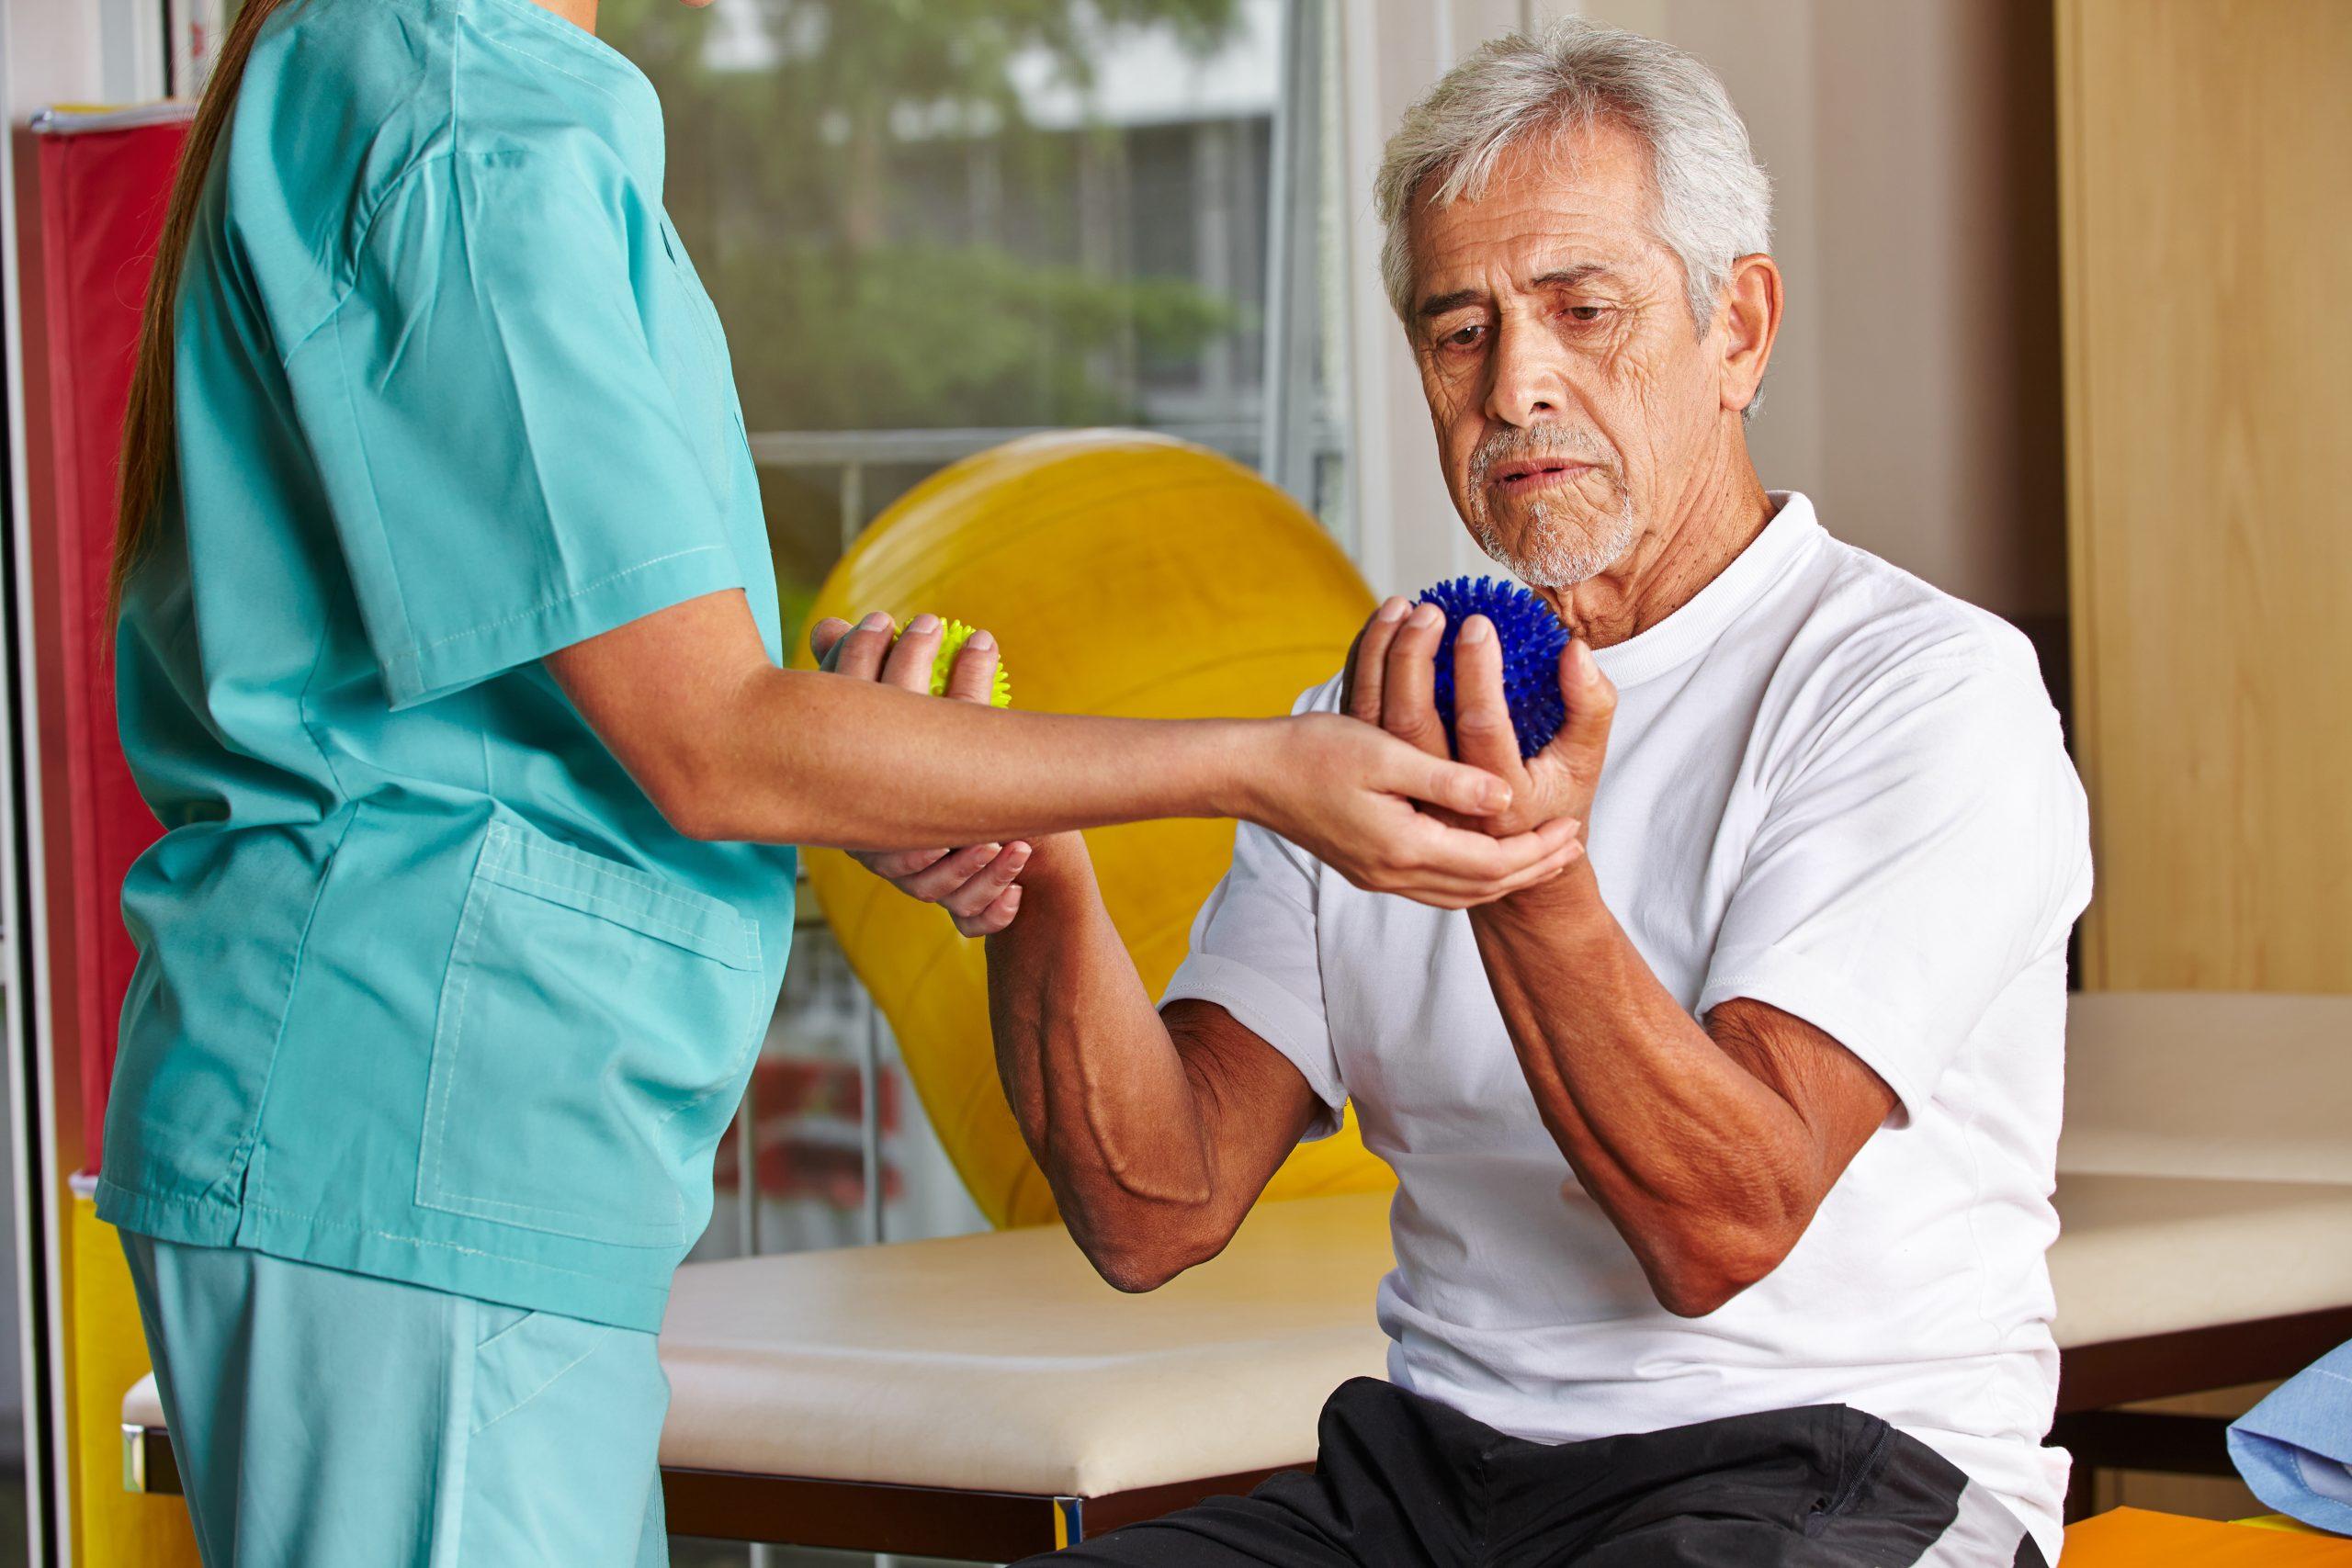 Какая нужна реабилитация после инсульта?